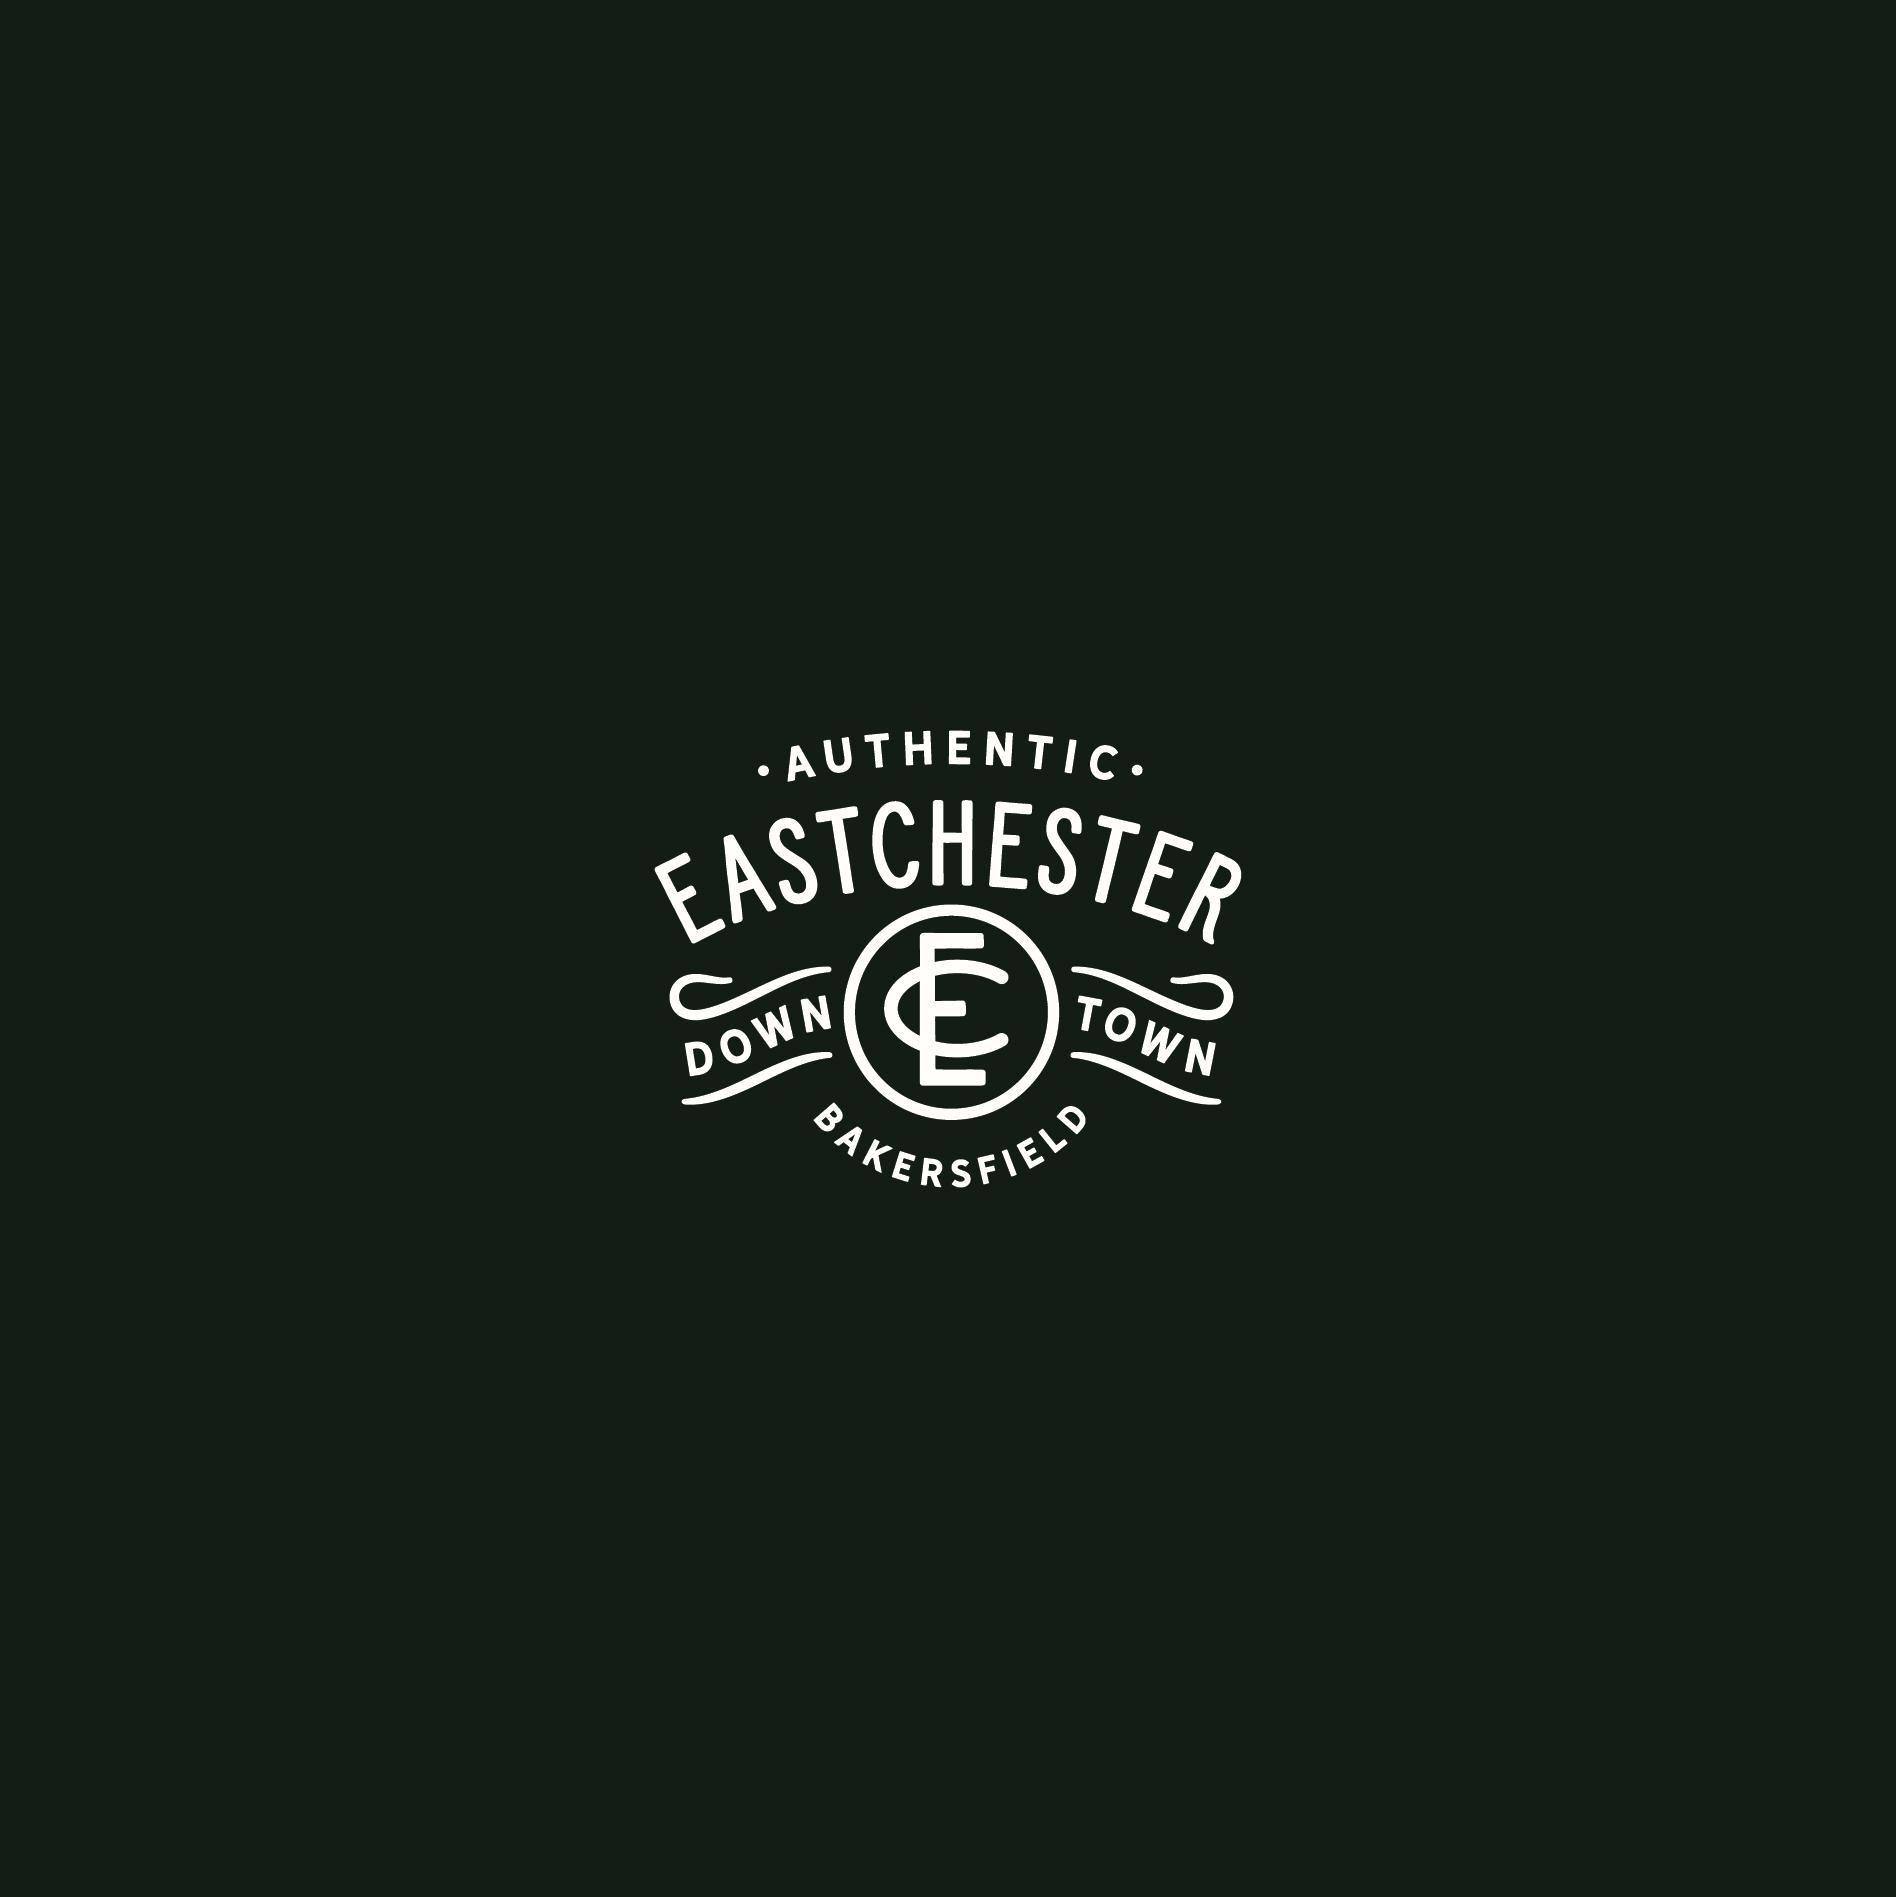 DxO_Square_EastchesterLogo_Dark_White.png